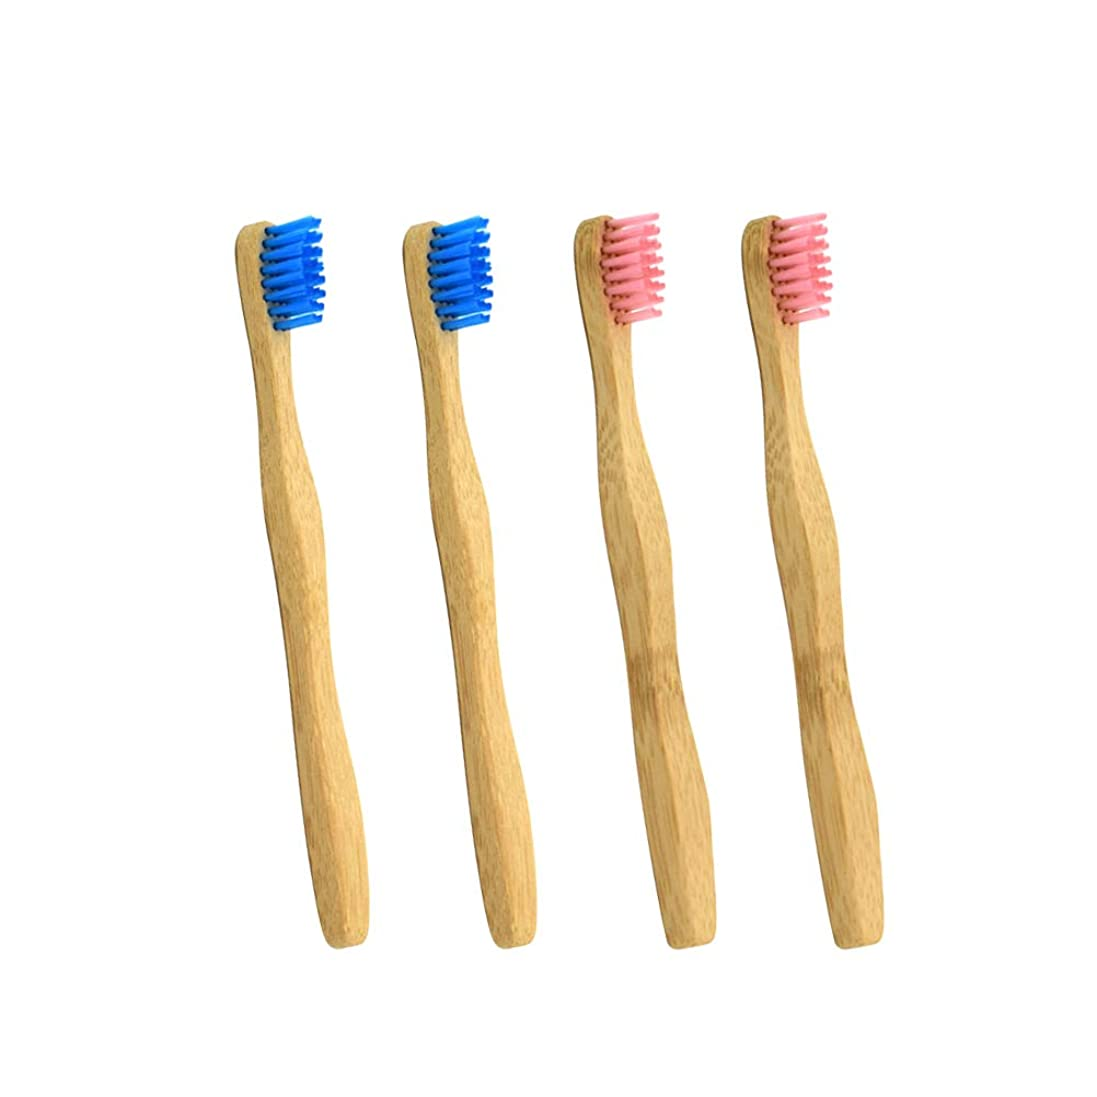 争う多様性ごめんなさいSUPVOX 4本の子供の竹の歯ブラシ生分解性エコフレンドリーな歯ブラシ(ピンクとブルー各2本)